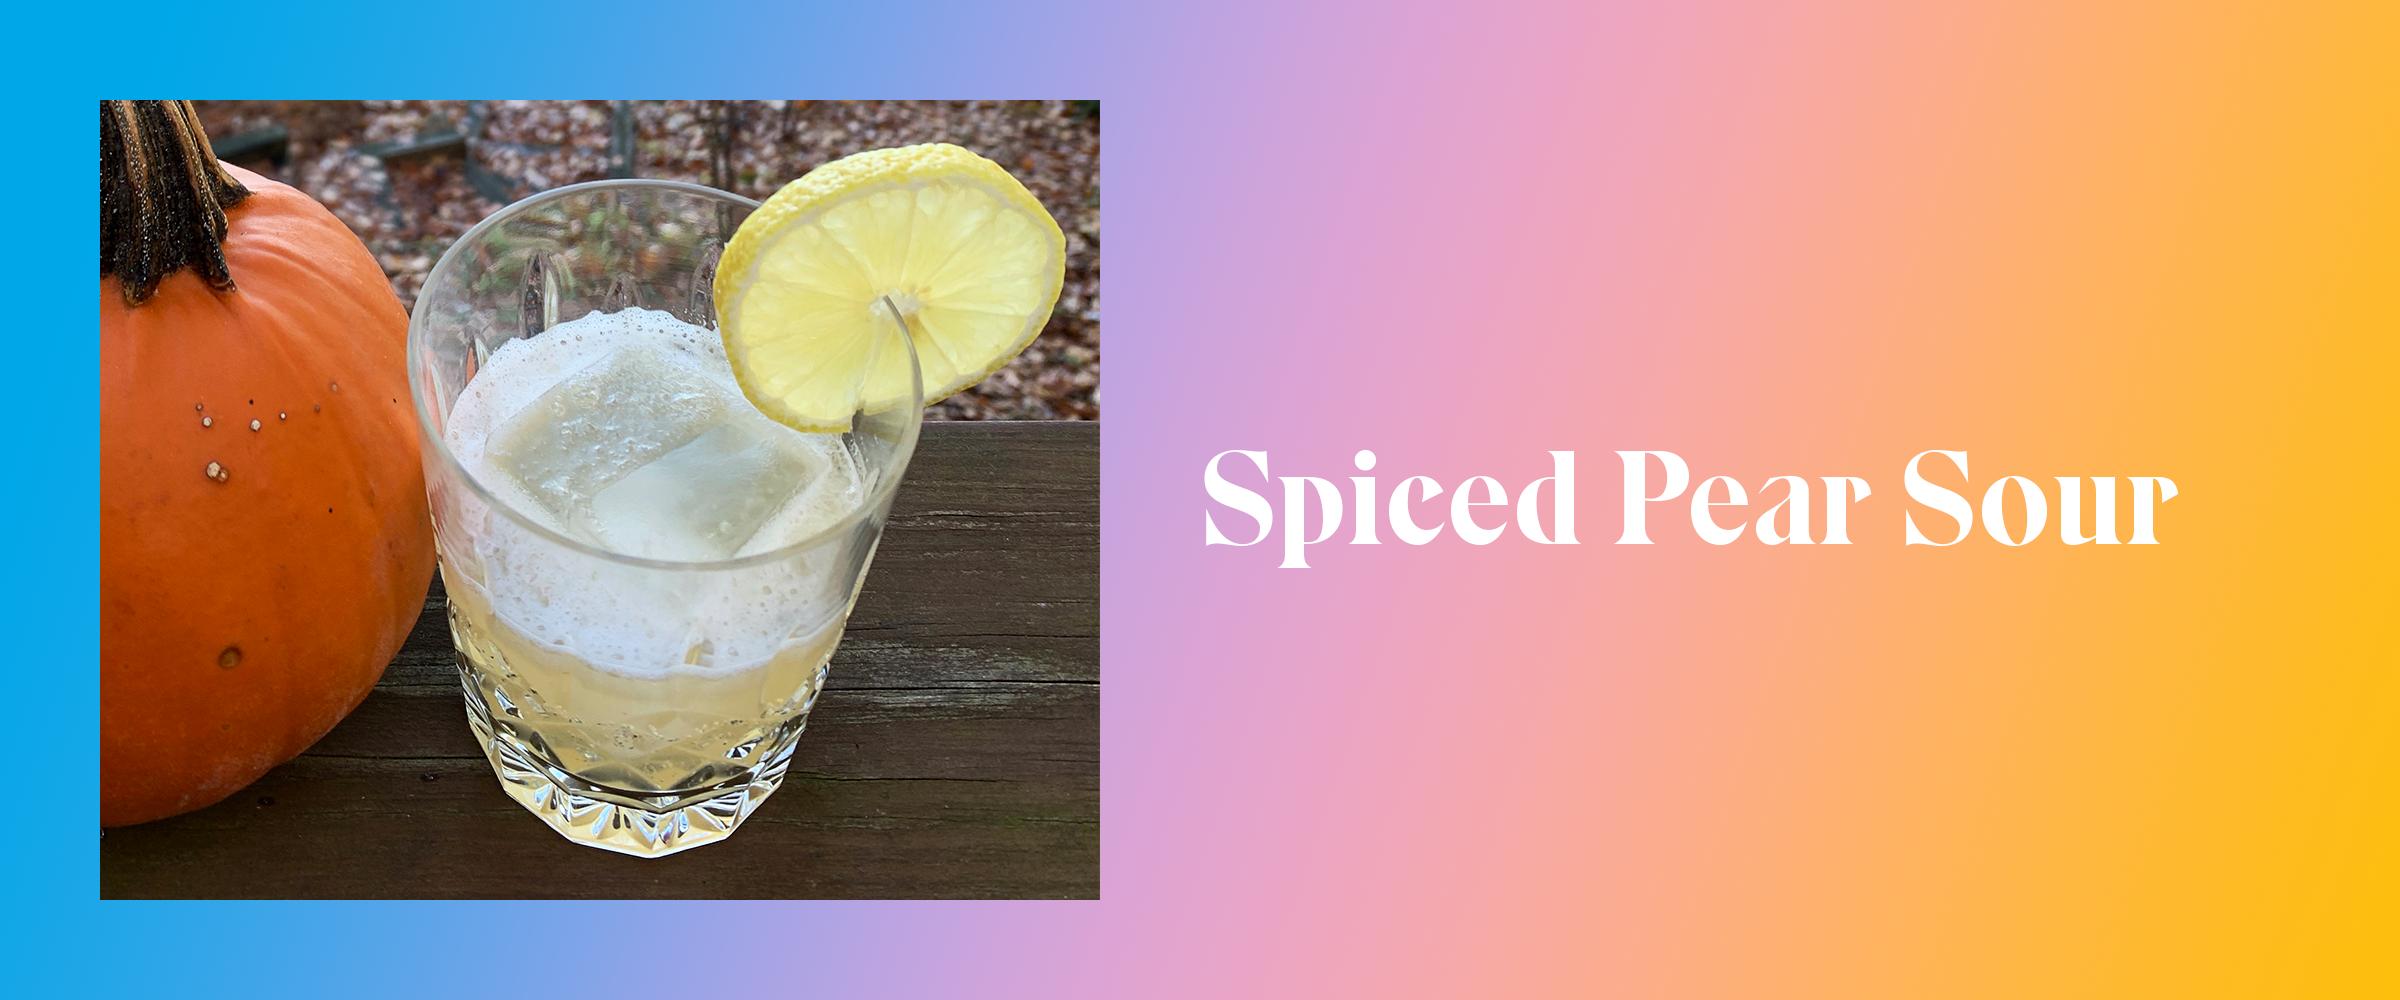 Spiced Pear Sour